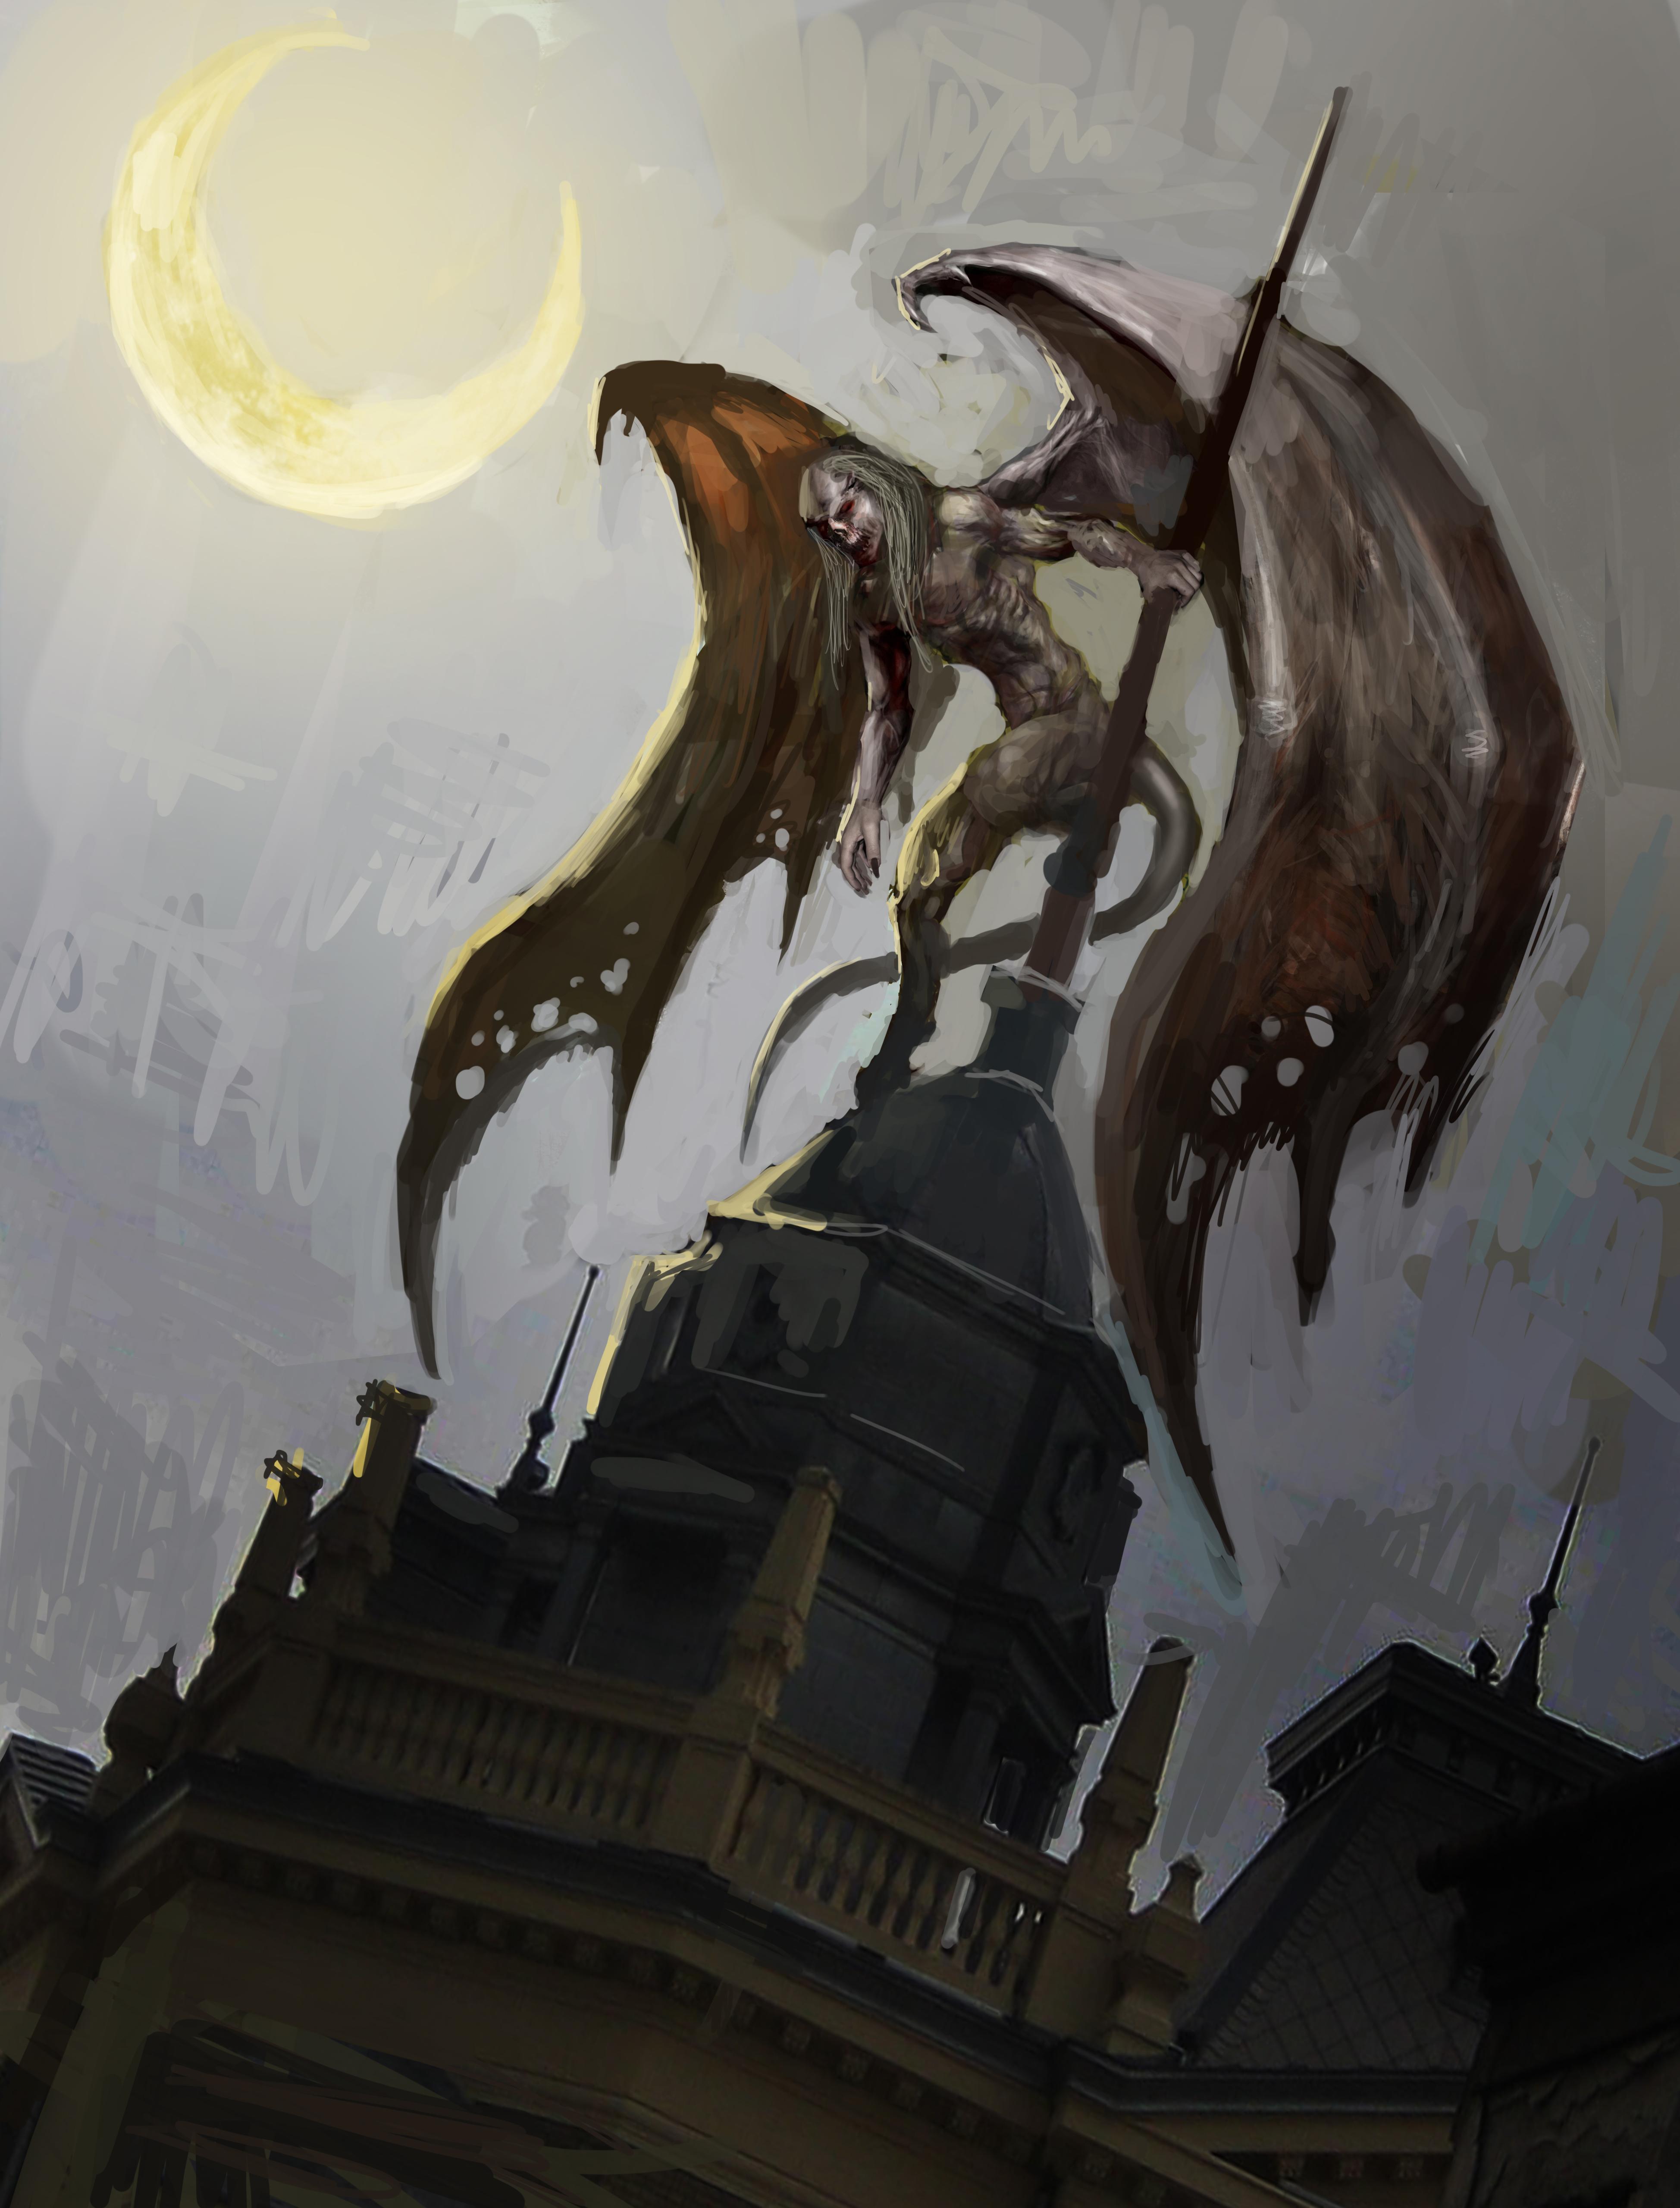 gargoyle on city tops under moonlight